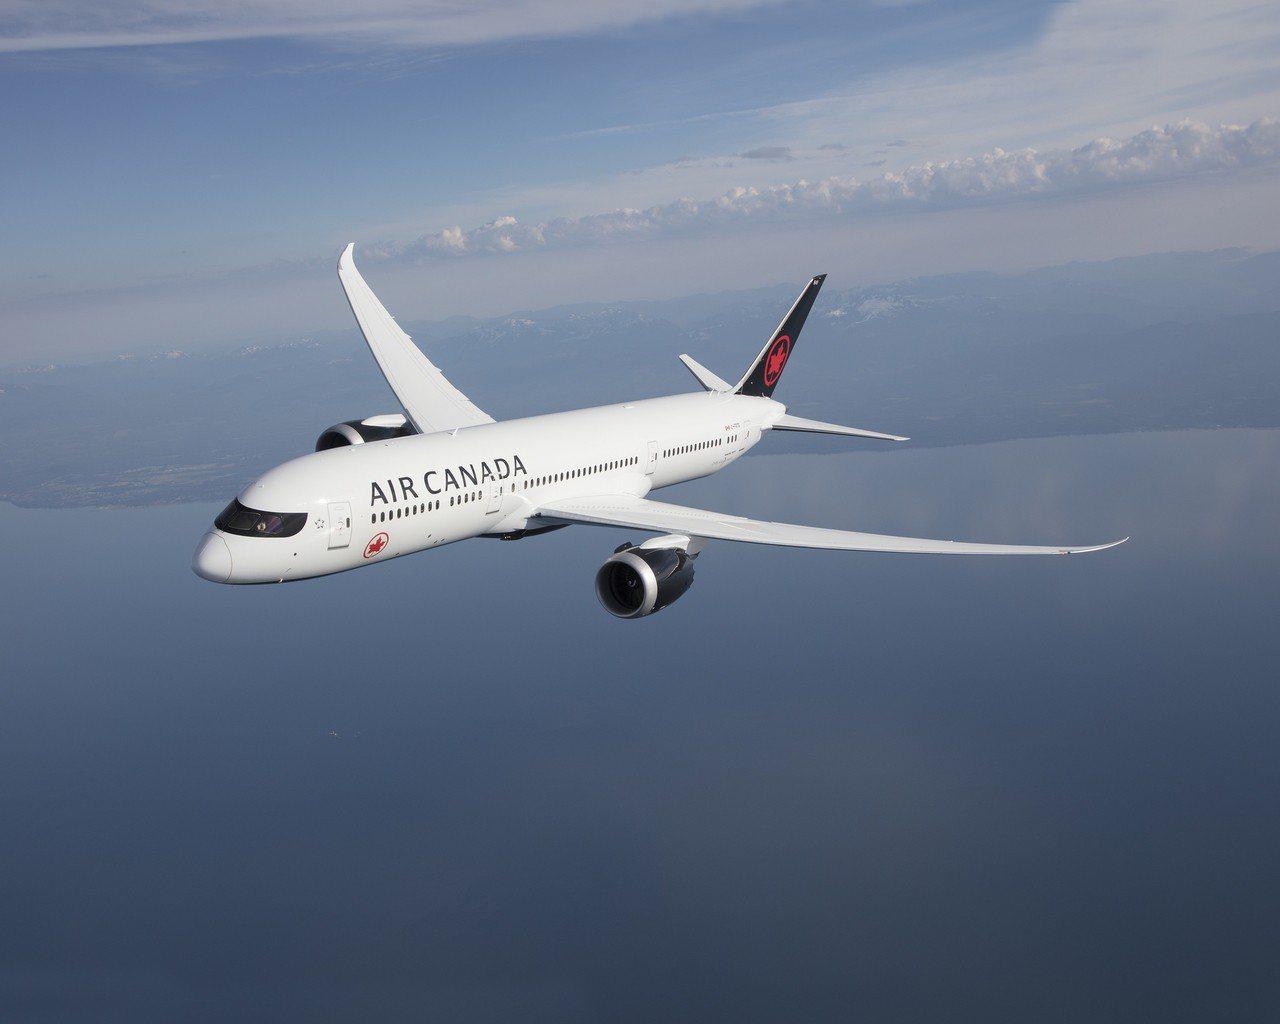 加拿大航空今年再度拿下航空界奧斯卡多項大獎。圖/加拿大航空提供